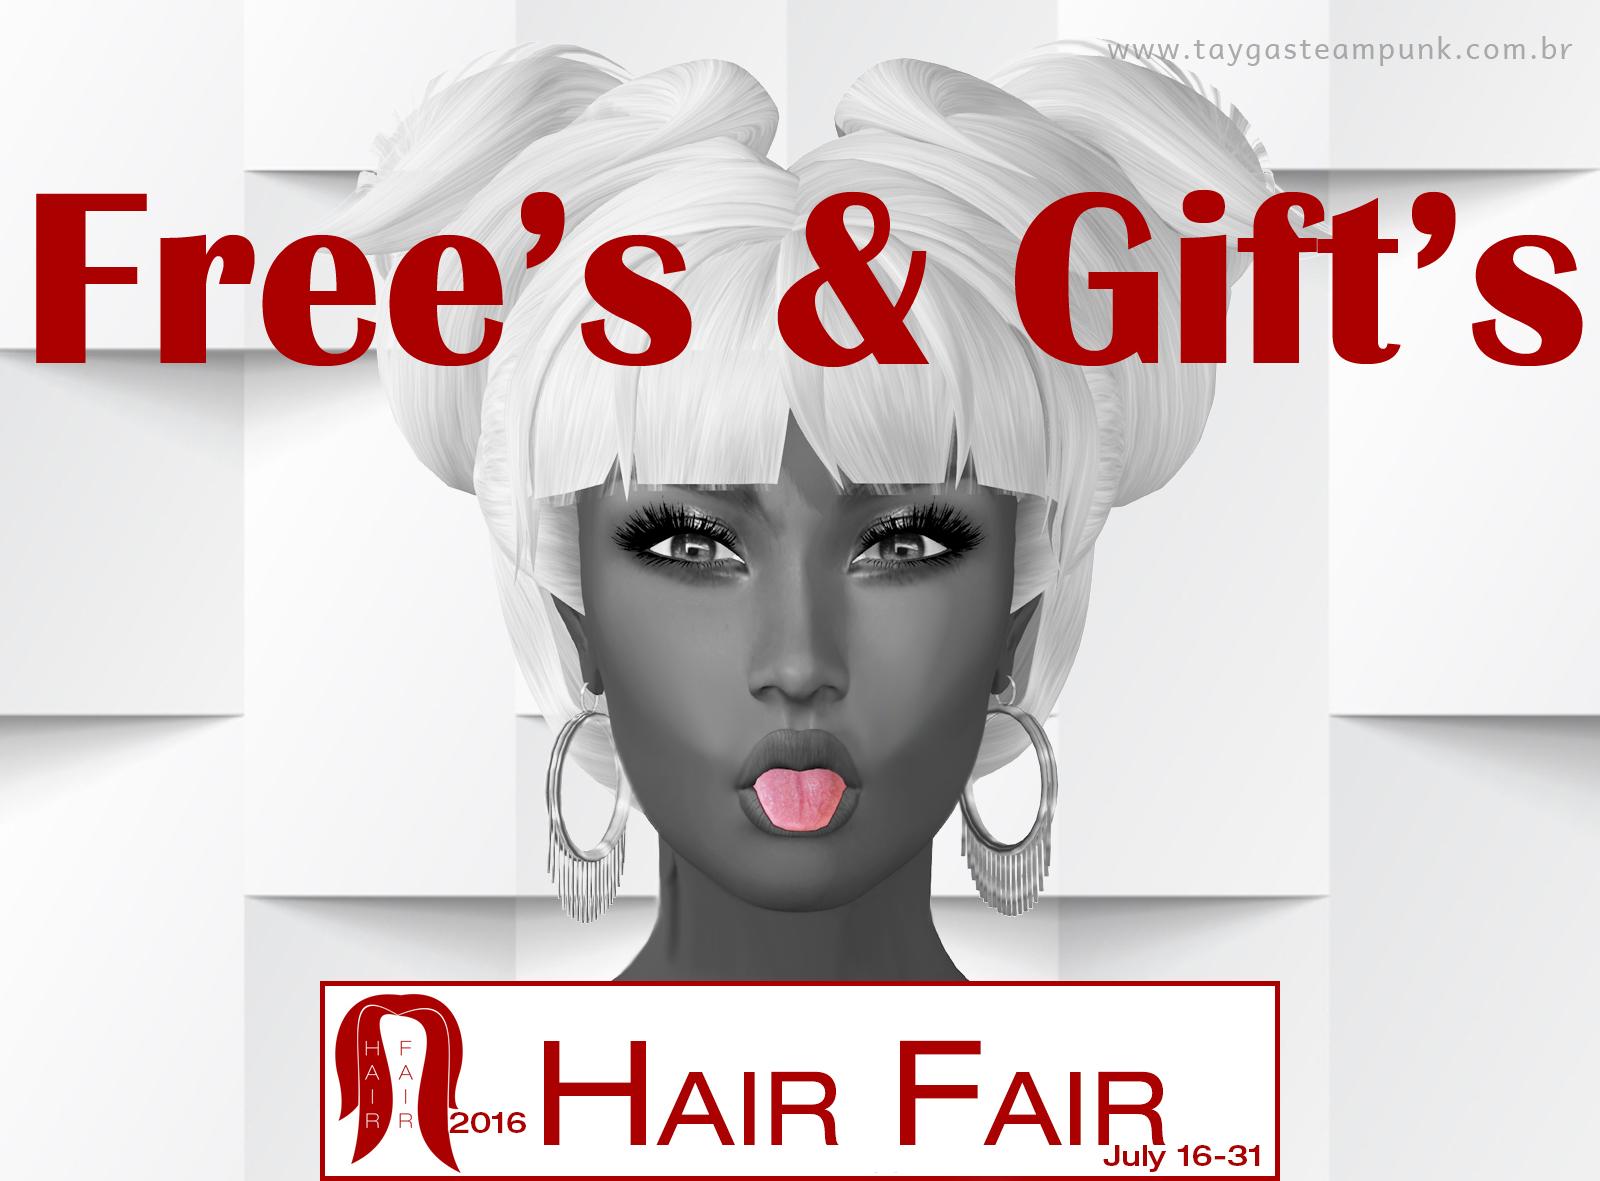 Free's & Gift's Hair Fair 2016... #60